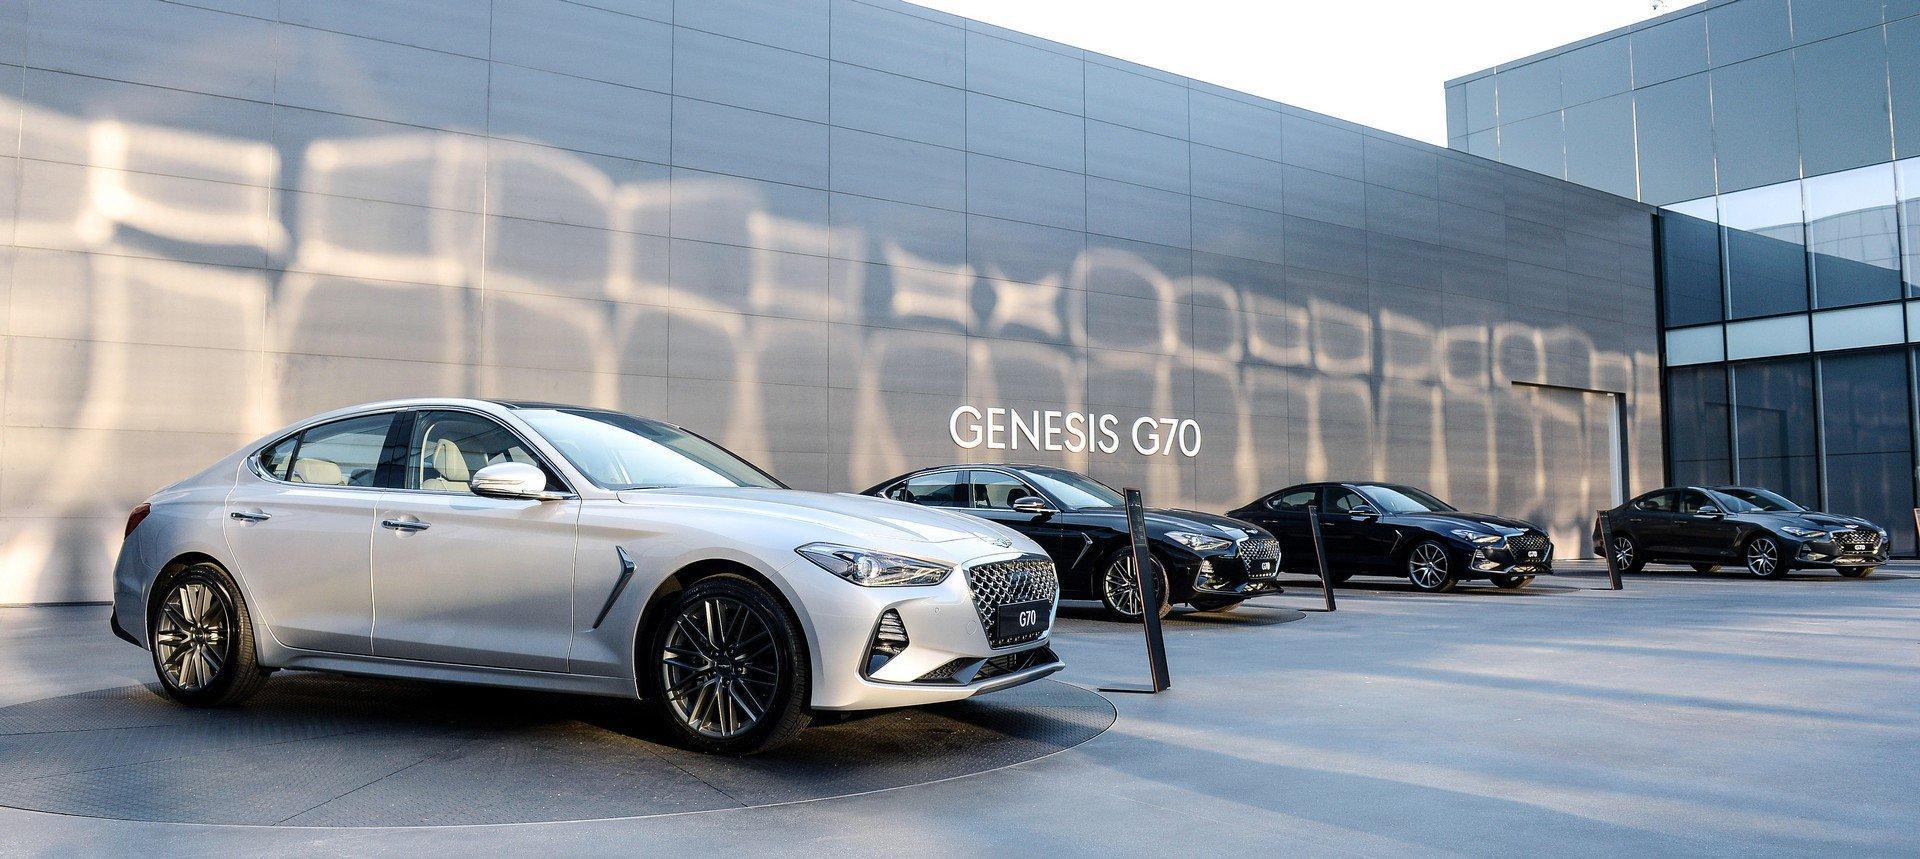 2019 Genesis G70 - 2019 Genesis G70